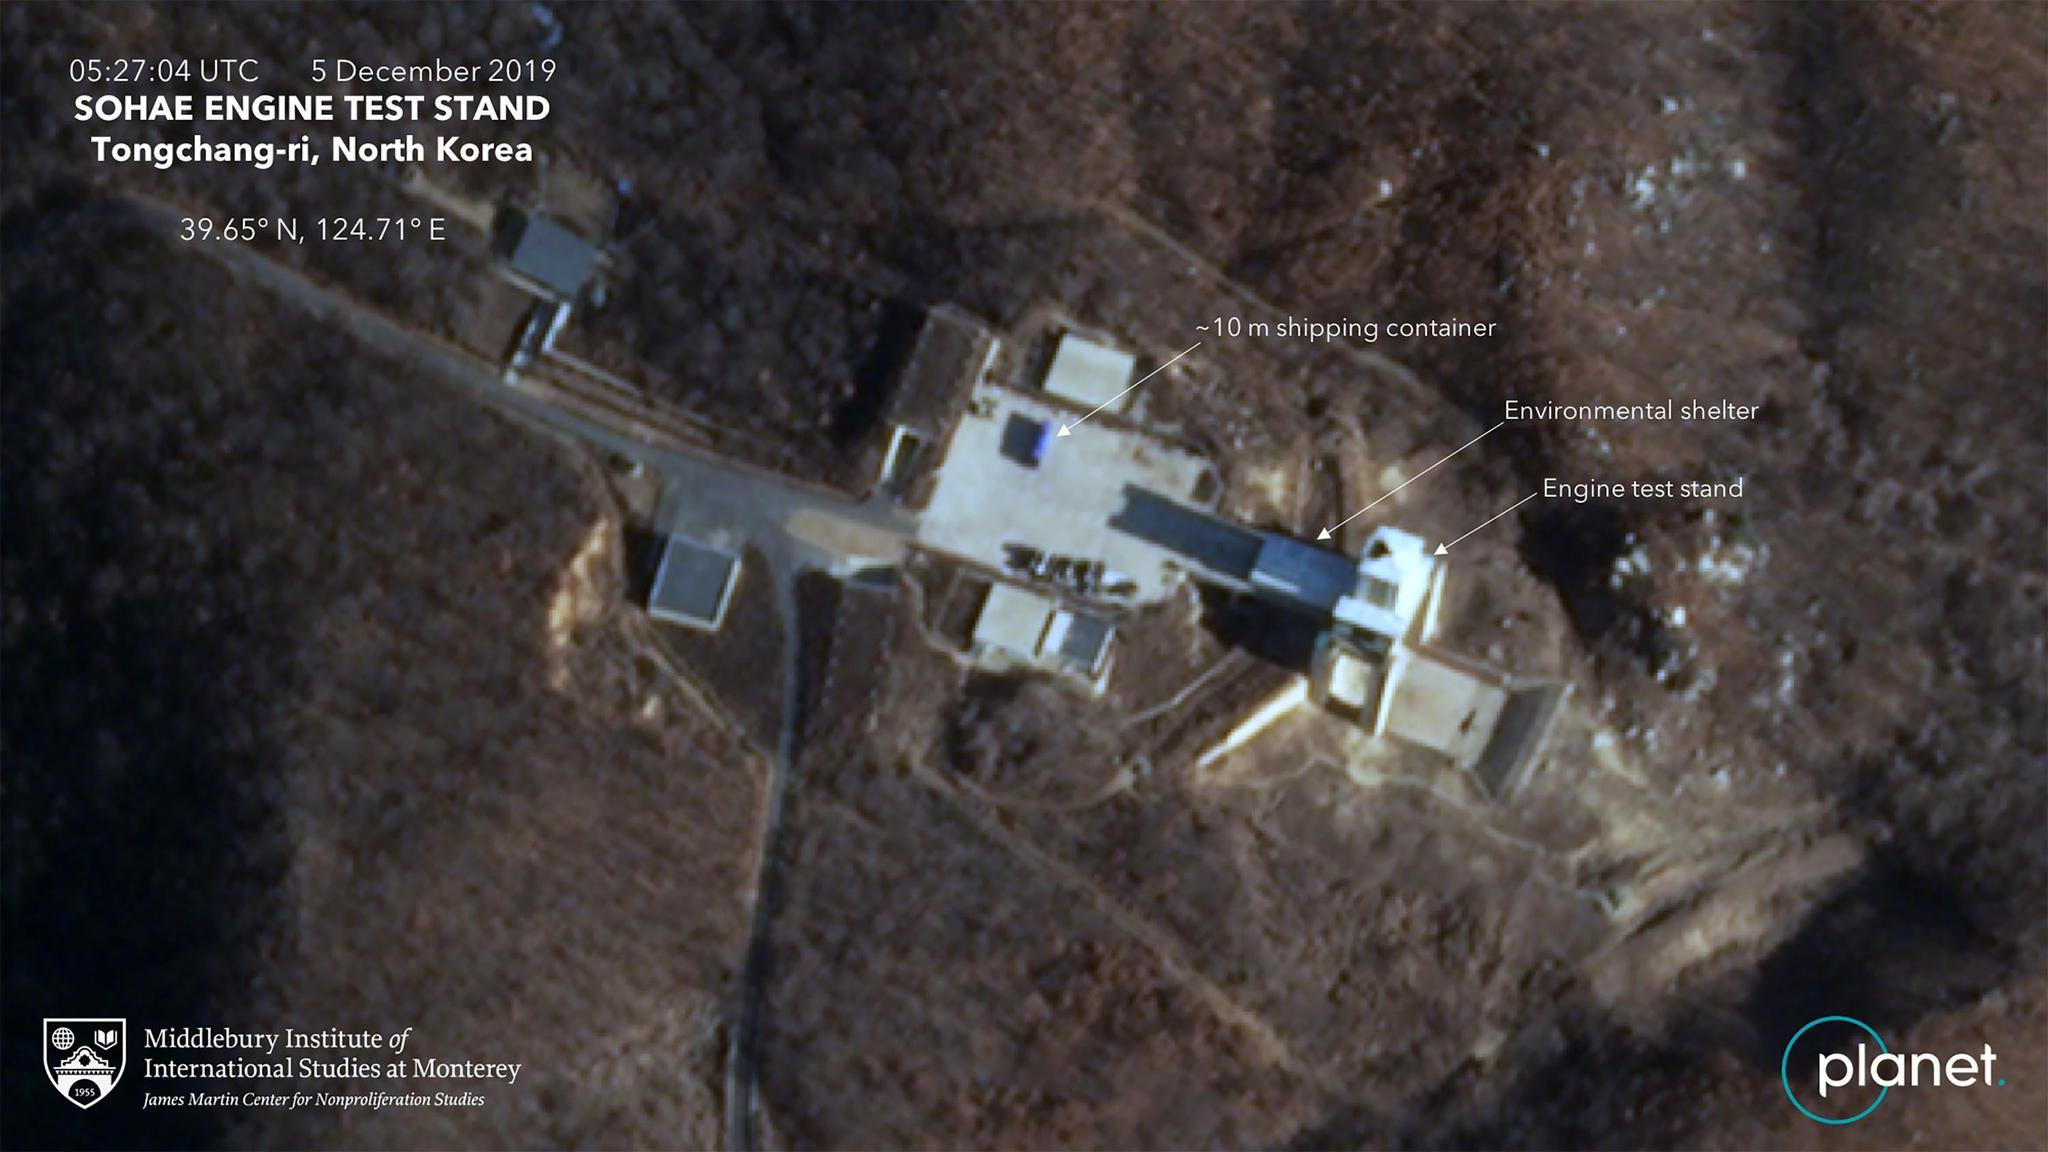 Planet卫星12月5日拍摄的朝鲜西海卫星发射场的发动机测试厂房(Planet 图)